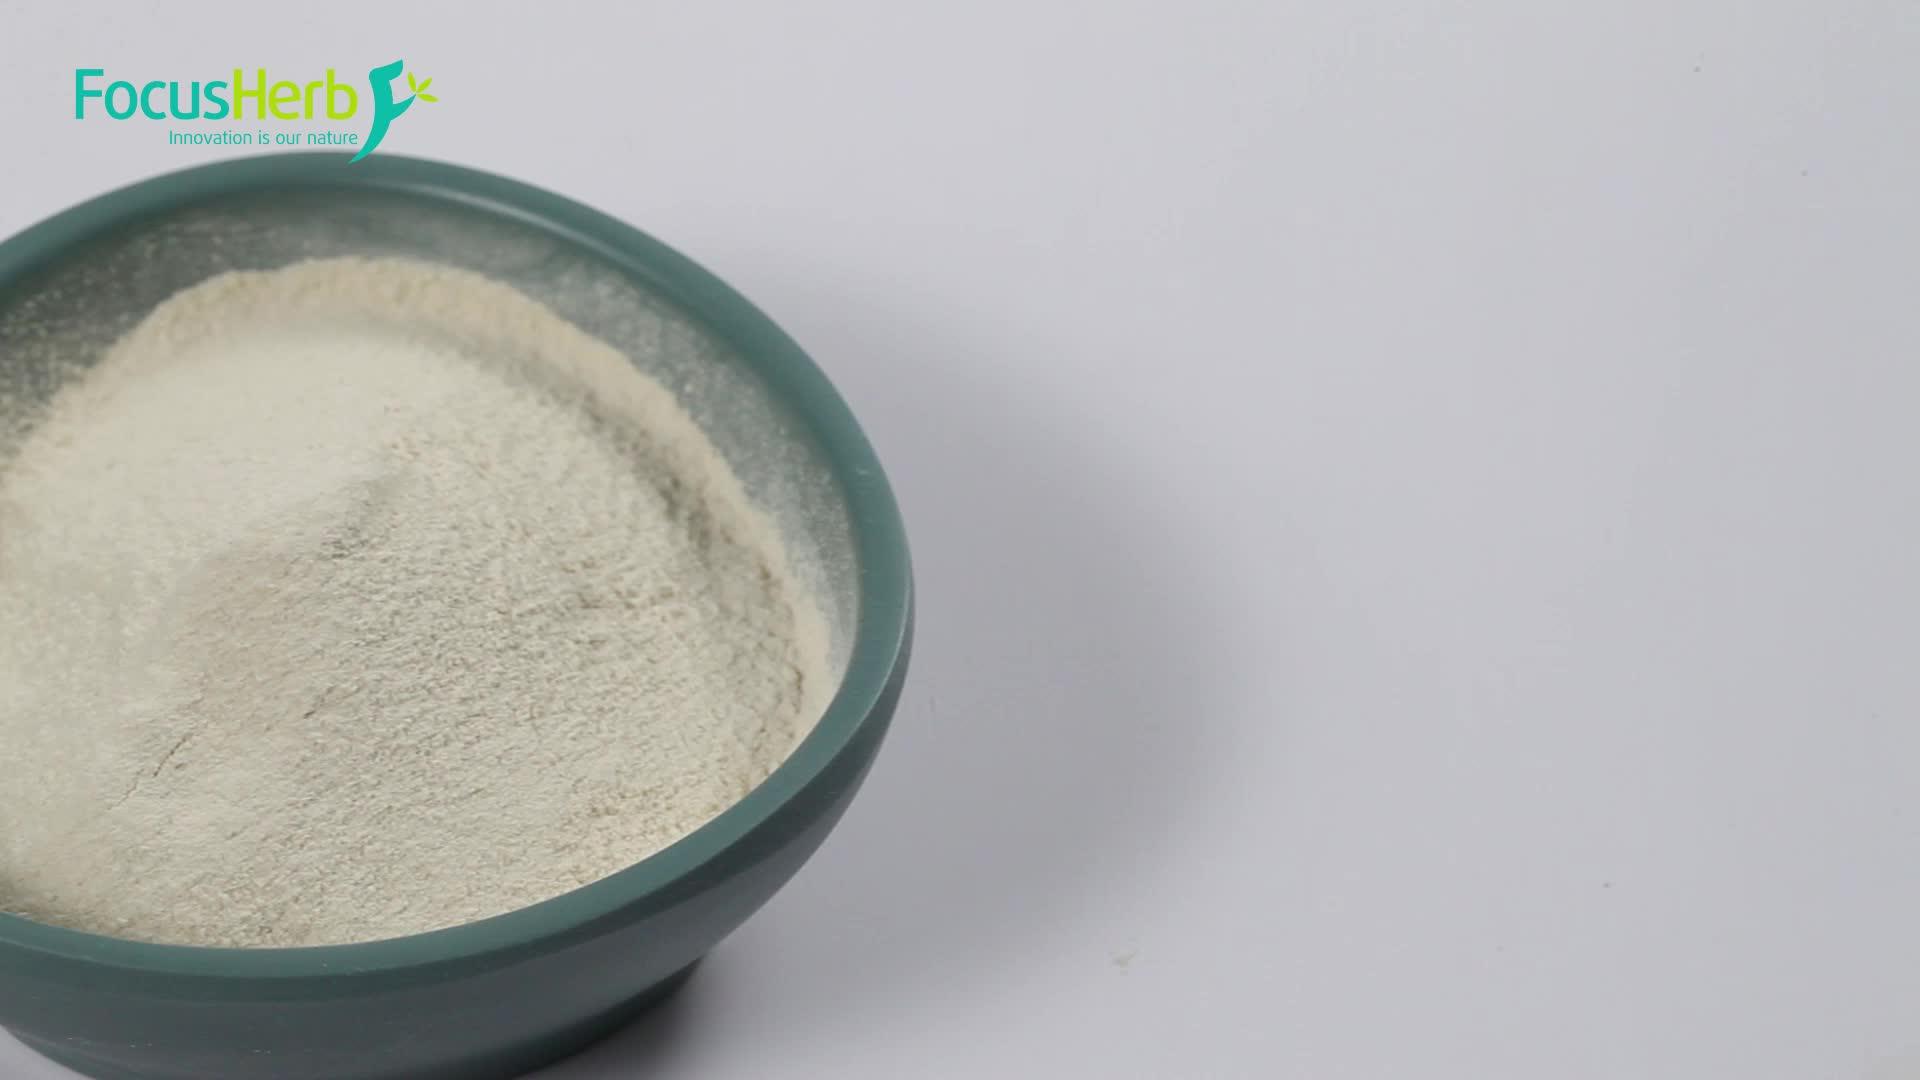 FocusHerb 100% الطبيعية العضوية البازلاء عزل مسحوق بروتين